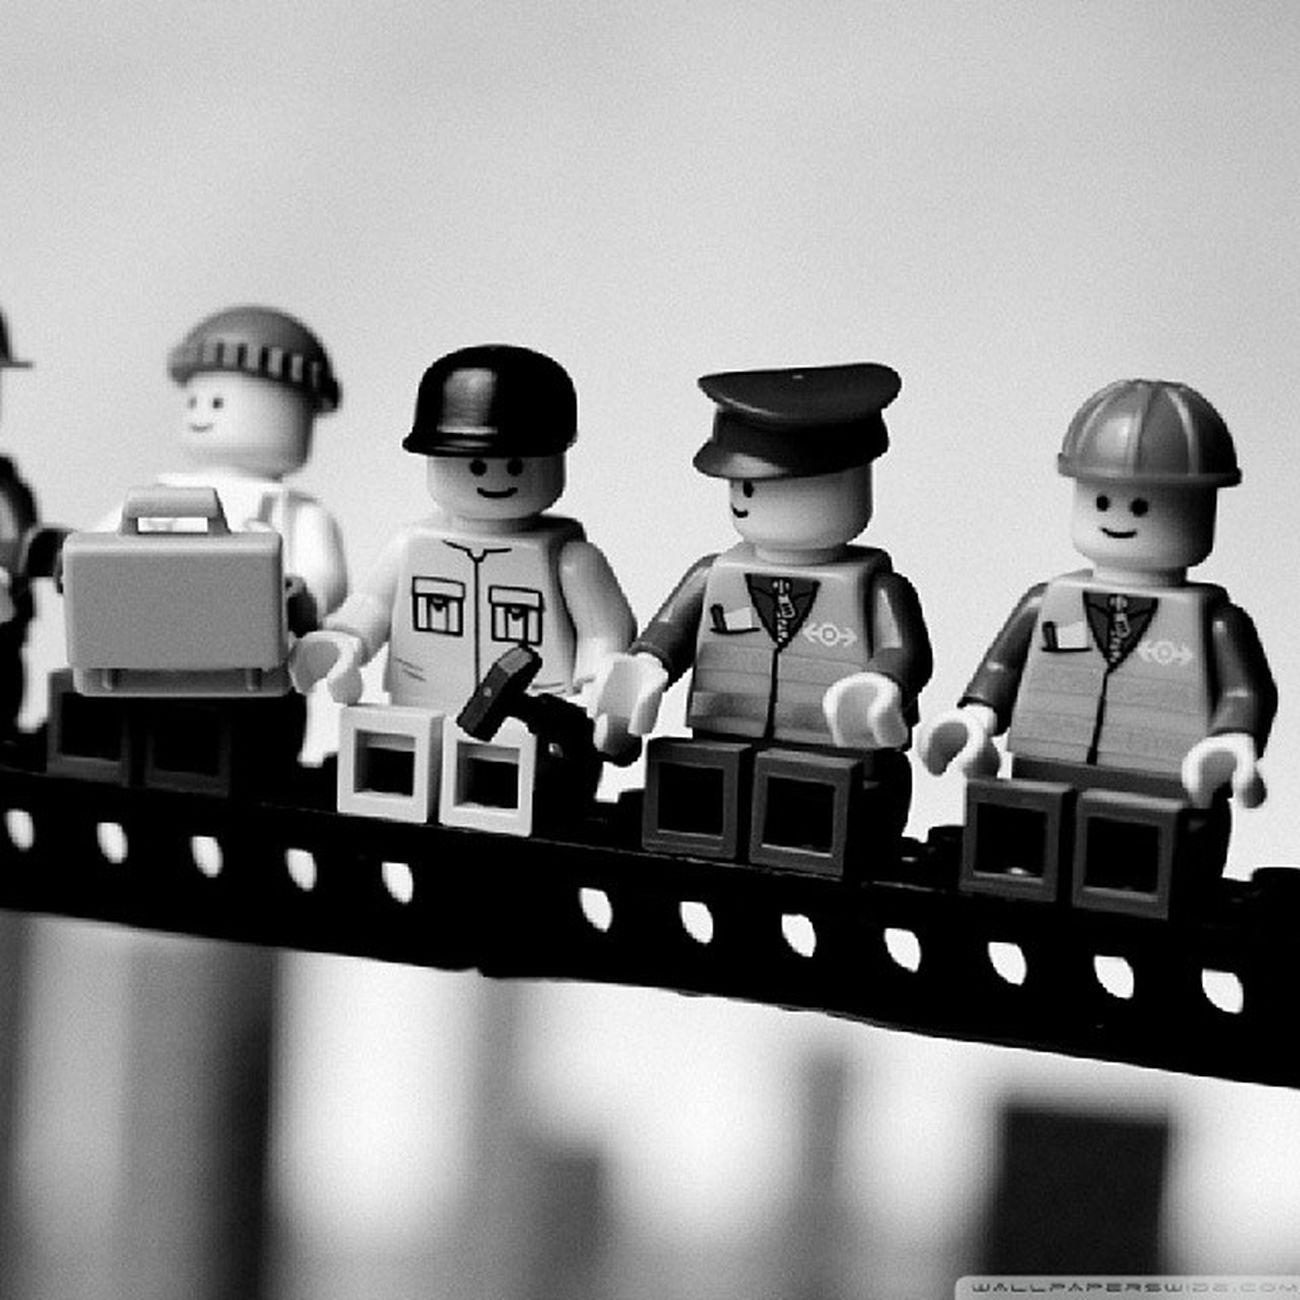 Building a Lego NYC LEGO Legonyc Legolove